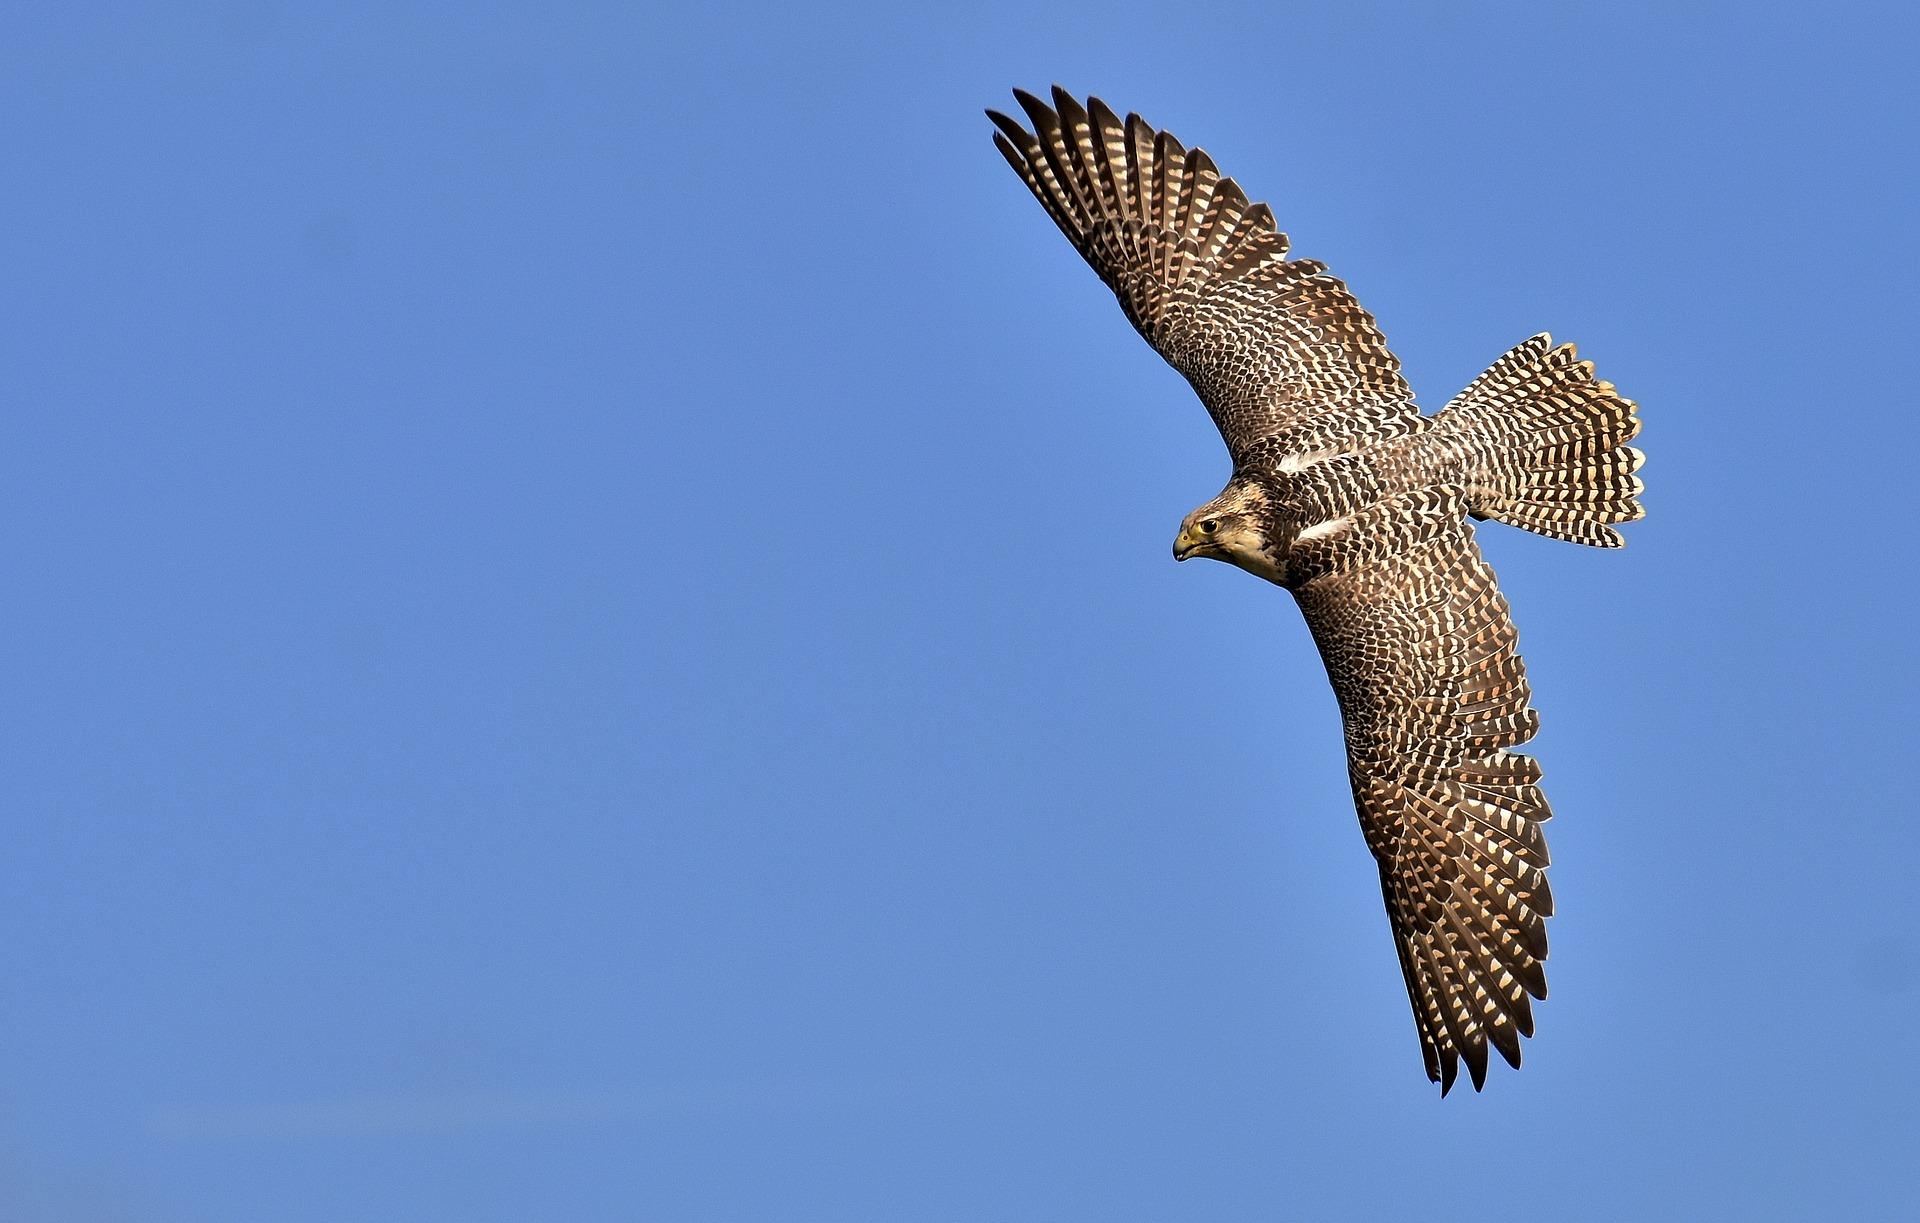 falcon-2909842_1920